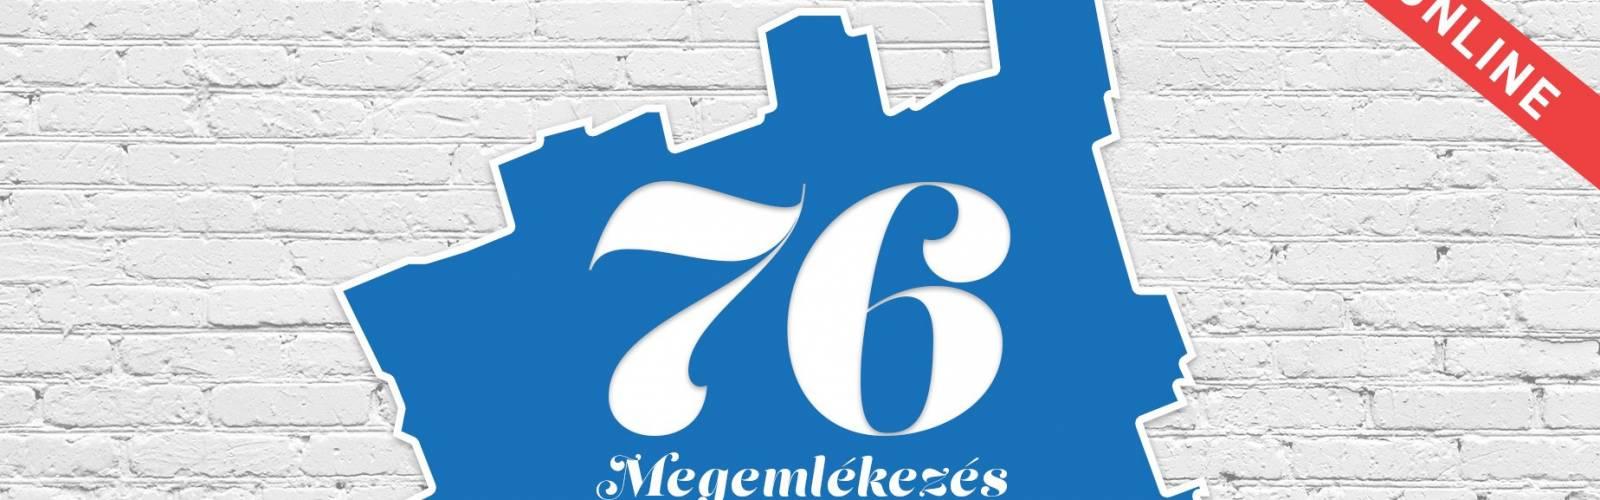 Emlékezzünk közösen: 76 éve szabadult fel a budapesti gettó